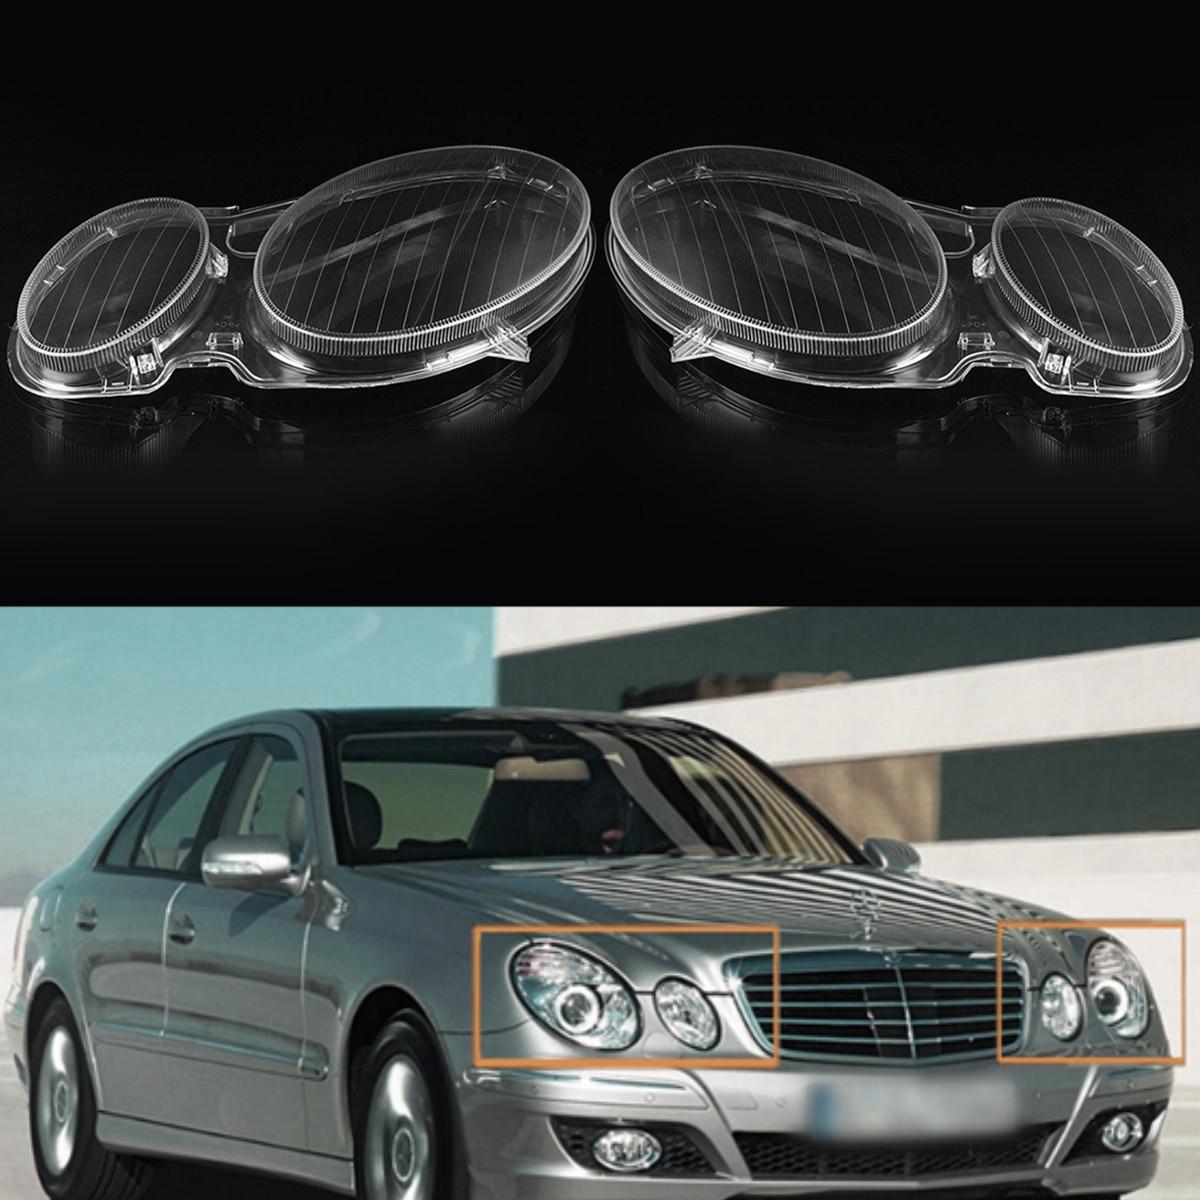 Novo Shell Tampa Da Lente Do Farol Do Carro Fog Light Farol Lentes Capa Para Mercedes Benz Classe E W211 E320 E350 2002-2008